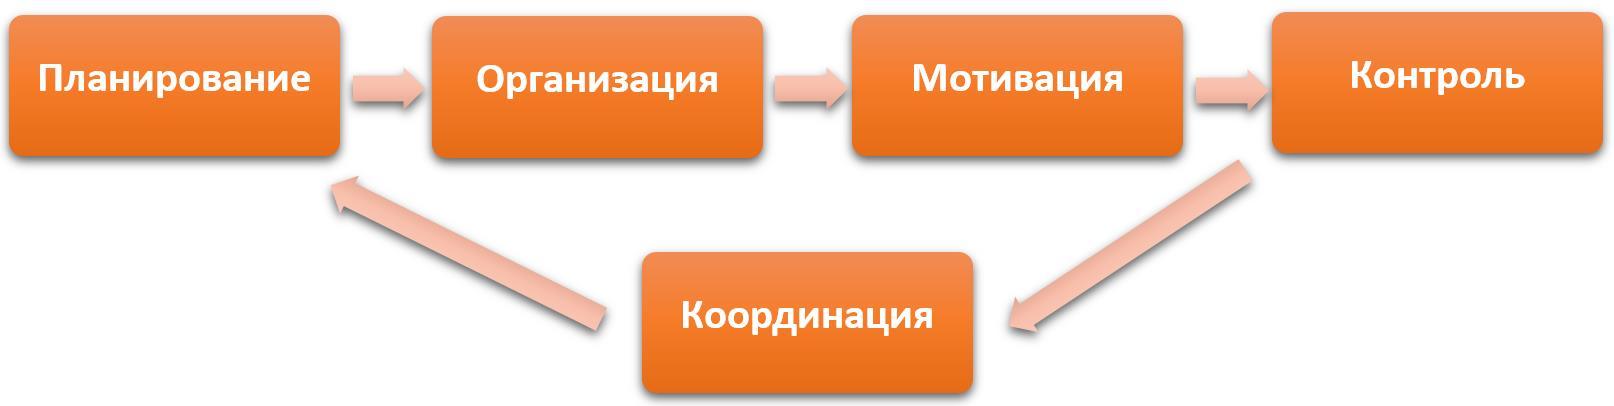 Профессия менеджер: описание должности, зарплата